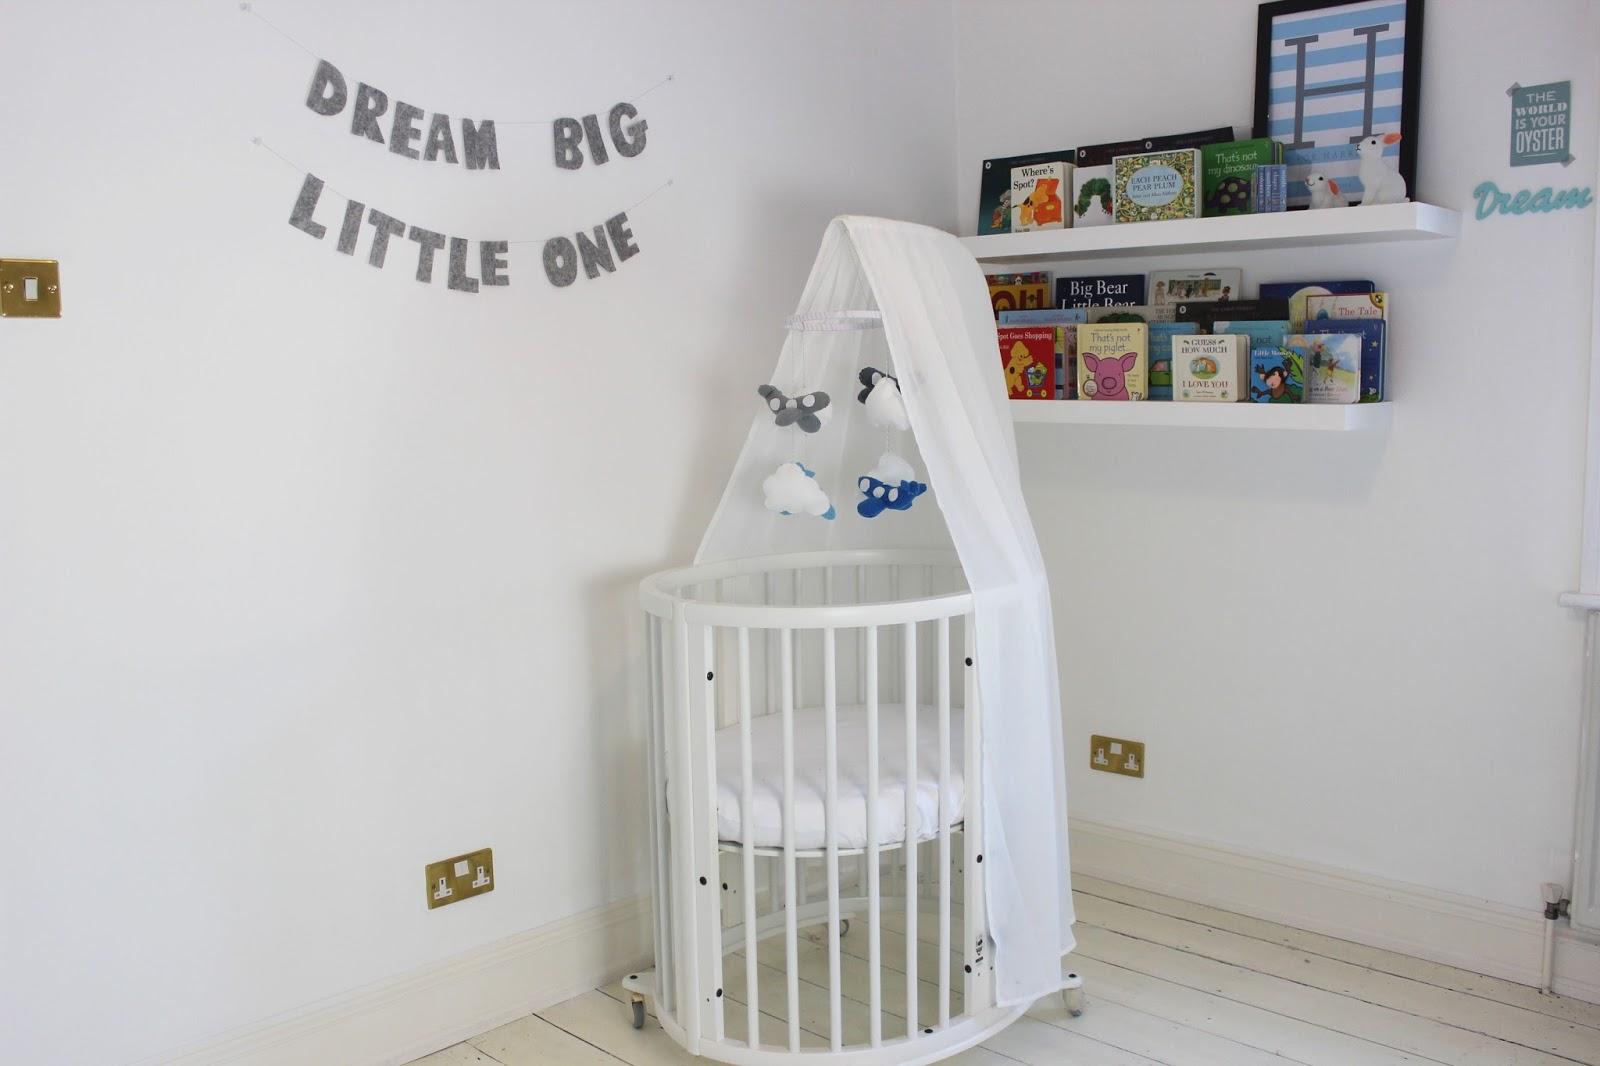 belles boutique uk beauty mummy blog harrison loves. Black Bedroom Furniture Sets. Home Design Ideas